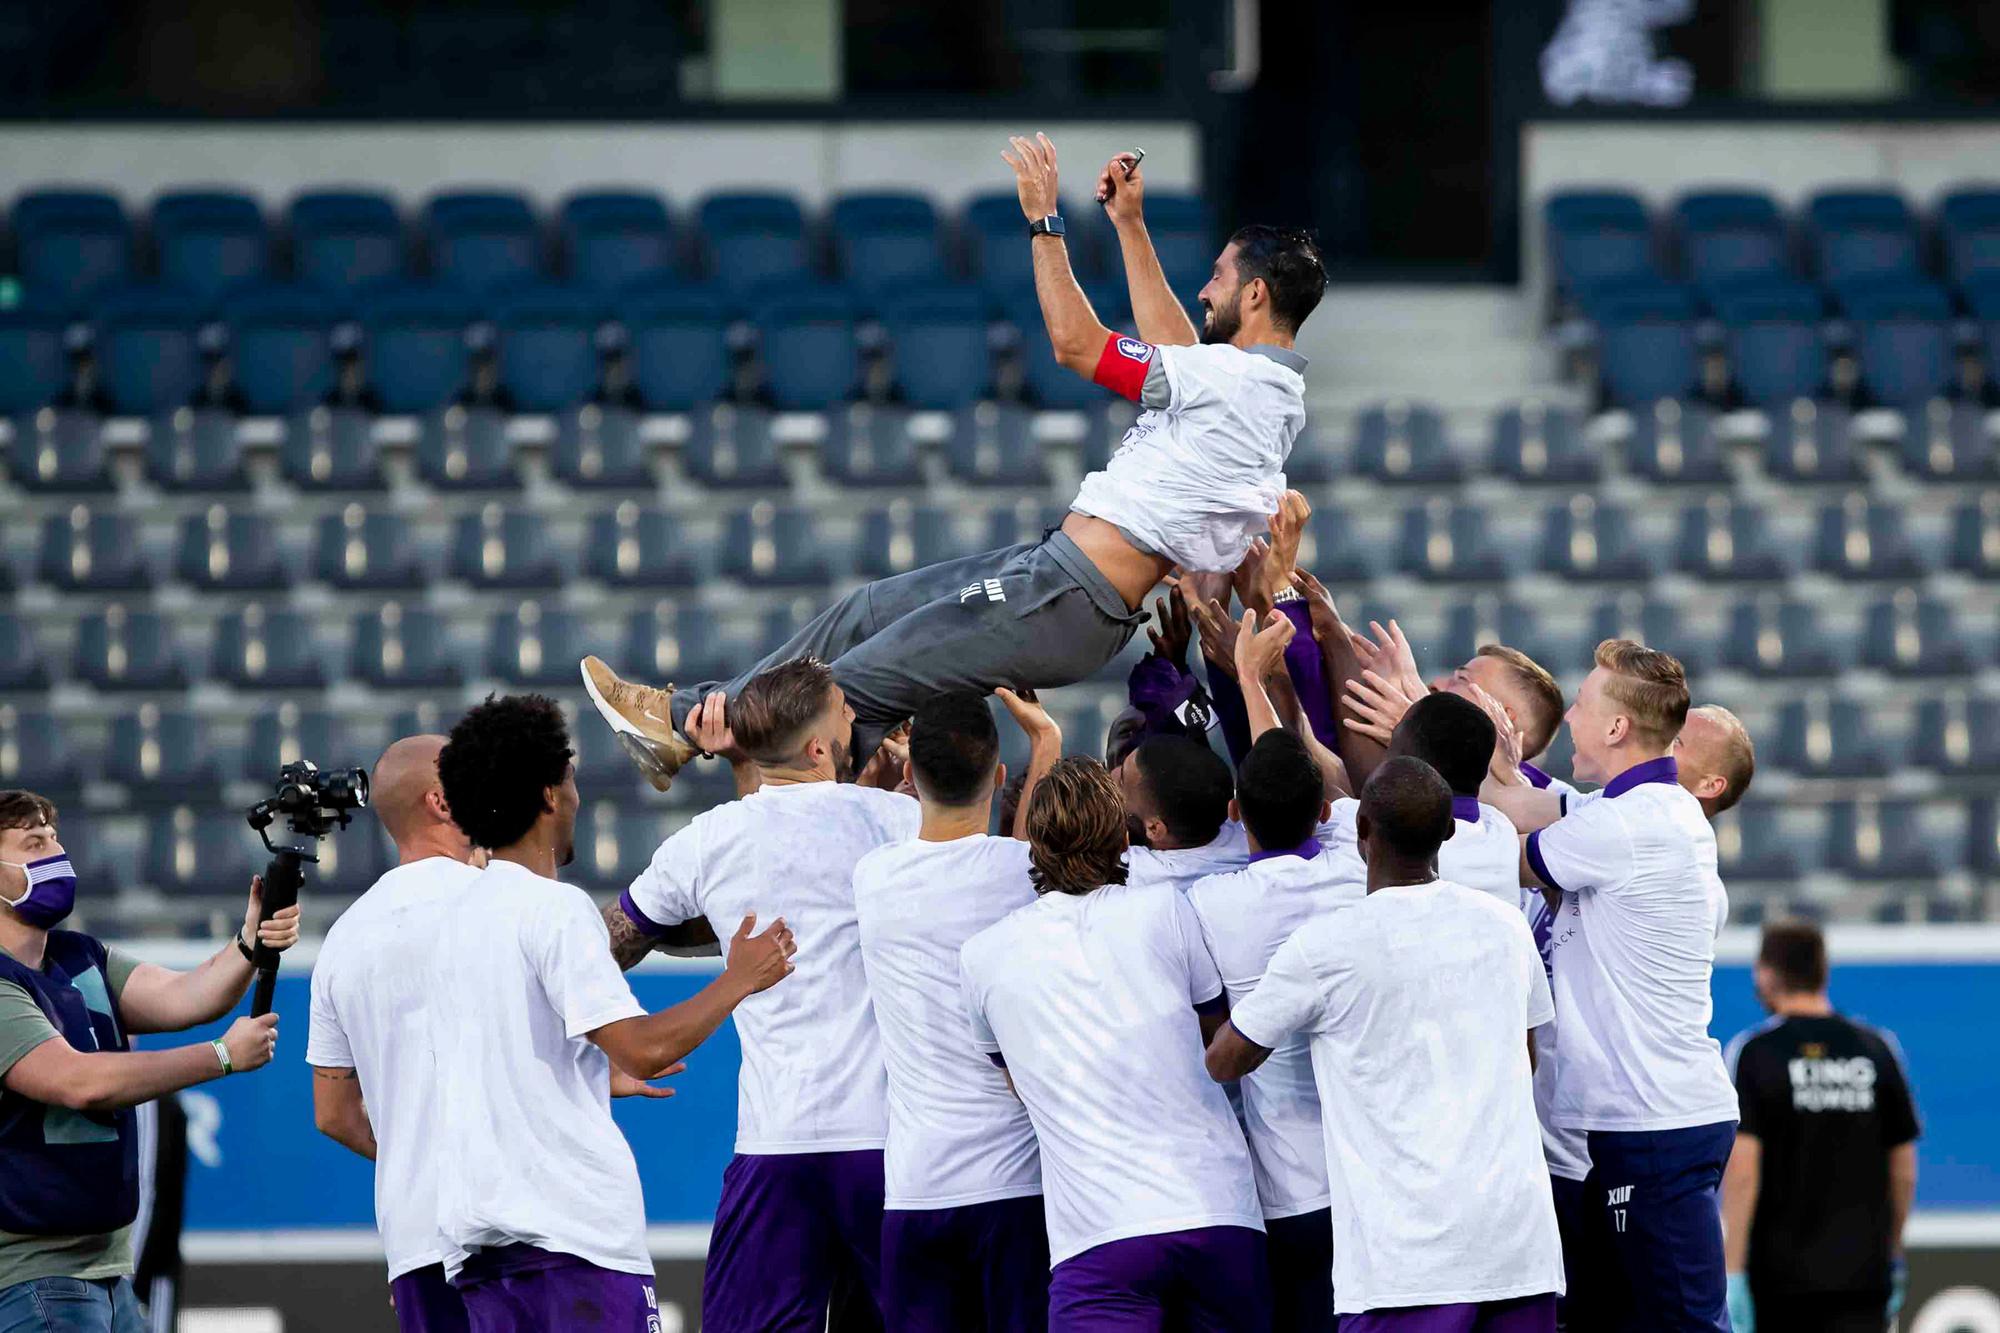 Hernán Losada is de jongste coach in 1A. Is dat een voor- of nadeel?, Belga Image